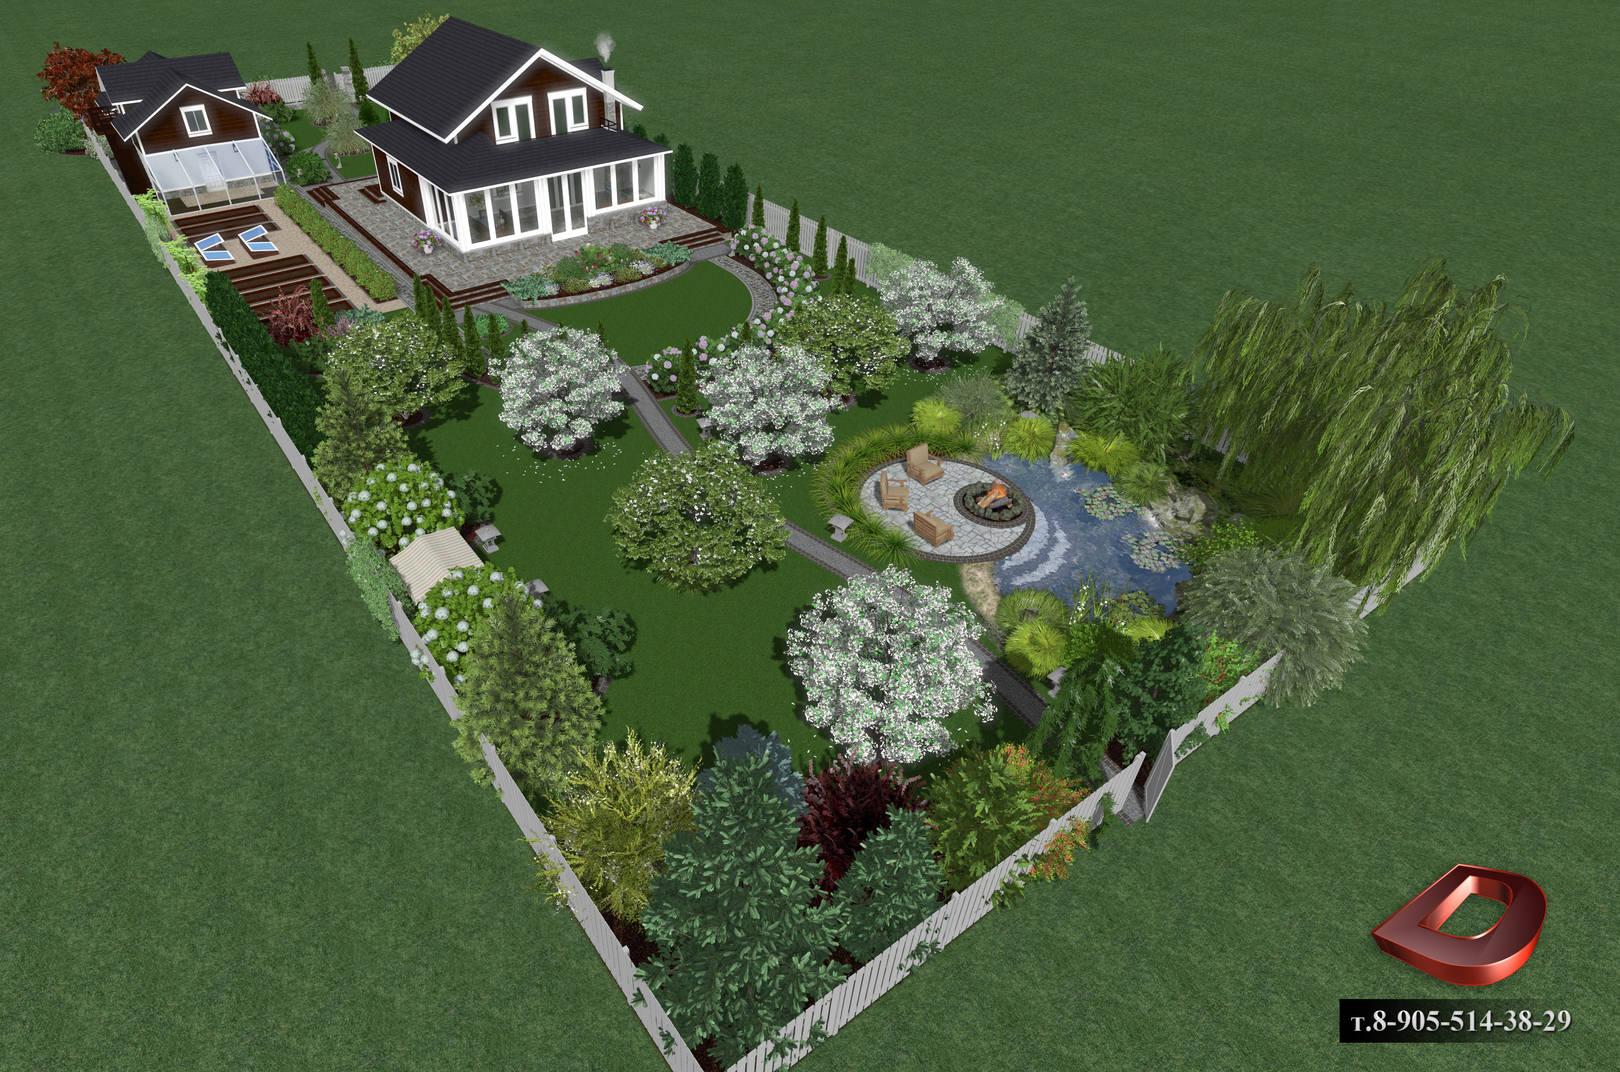 Ландшафтное проектирование (95 фото): проект дизайна участка родового поместья, работы по оформлению территории